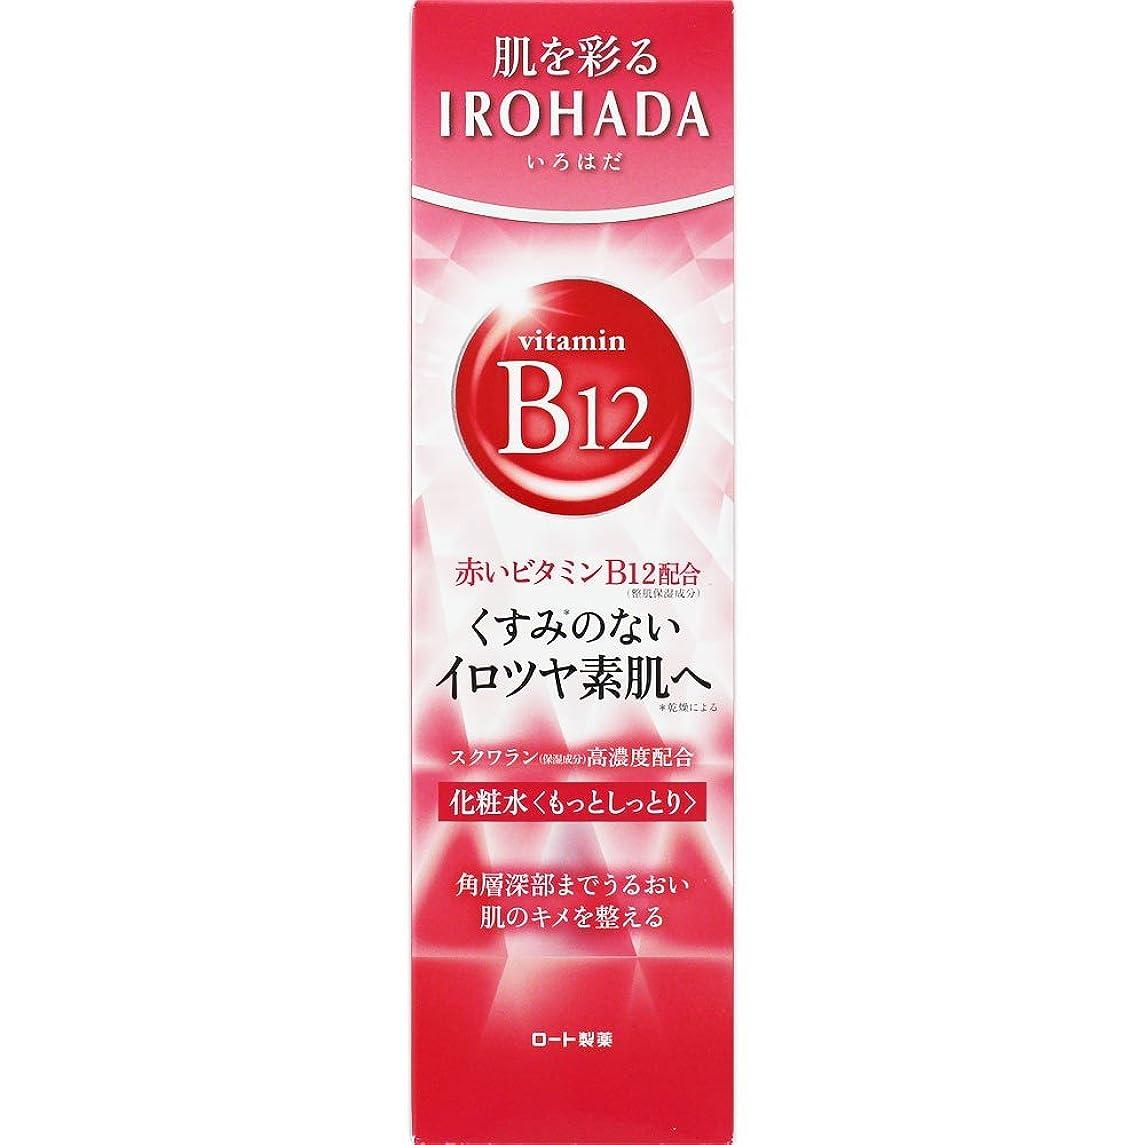 救援ゲートパッドロート製薬 いろはだ (IROHADA) 赤いビタミンB12×スクワラン配合 化粧水もっとしっとり 160ml